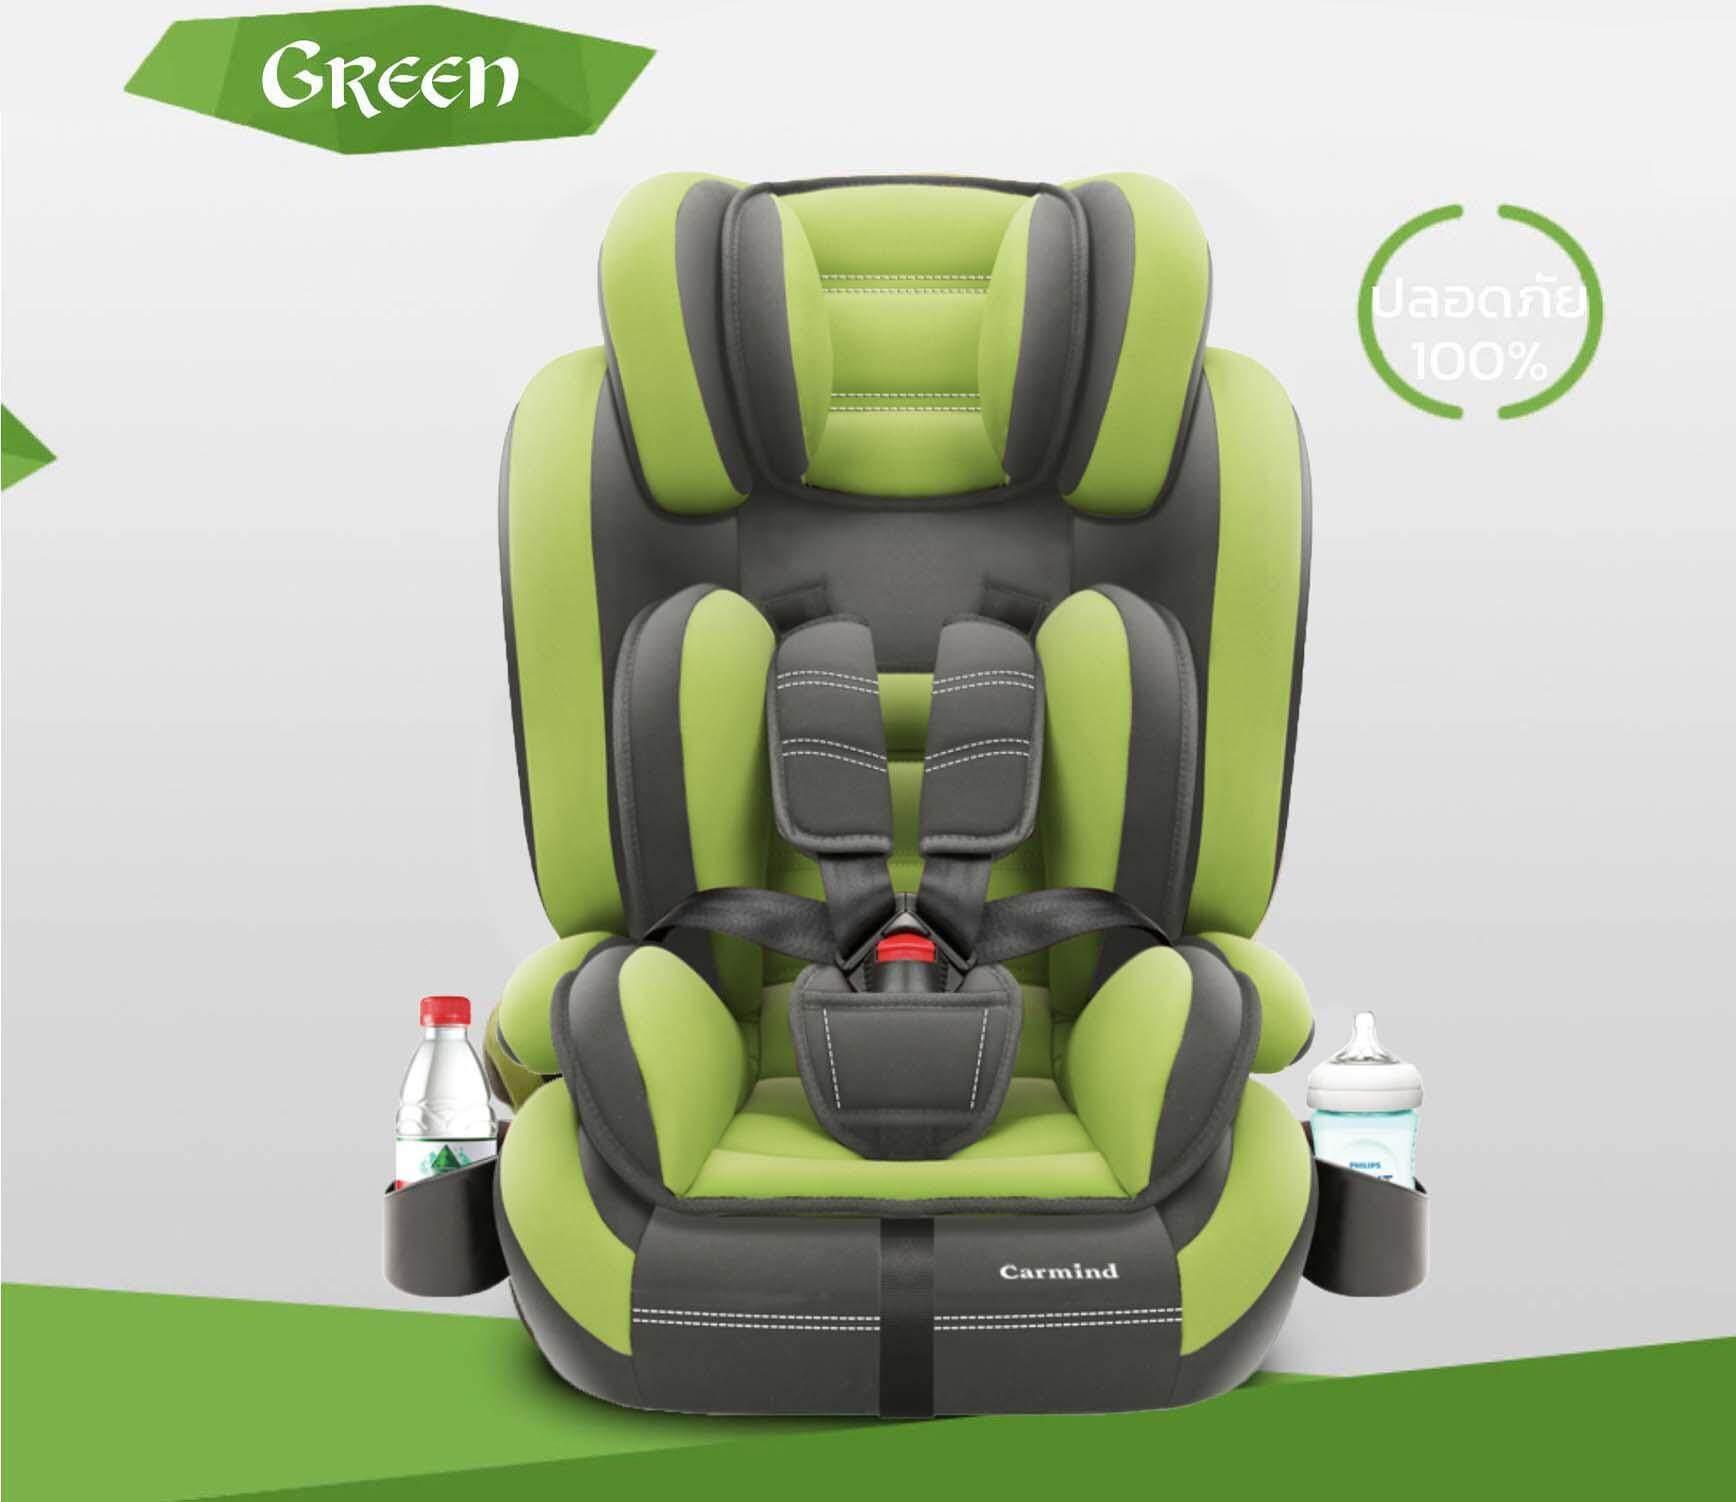 Carmind คาร์ซีทที่นั่งเด็กในรถ รุ่น Z-12 สำหรับเด็กช่วงอายุ 9 เดือน - 12 ปี